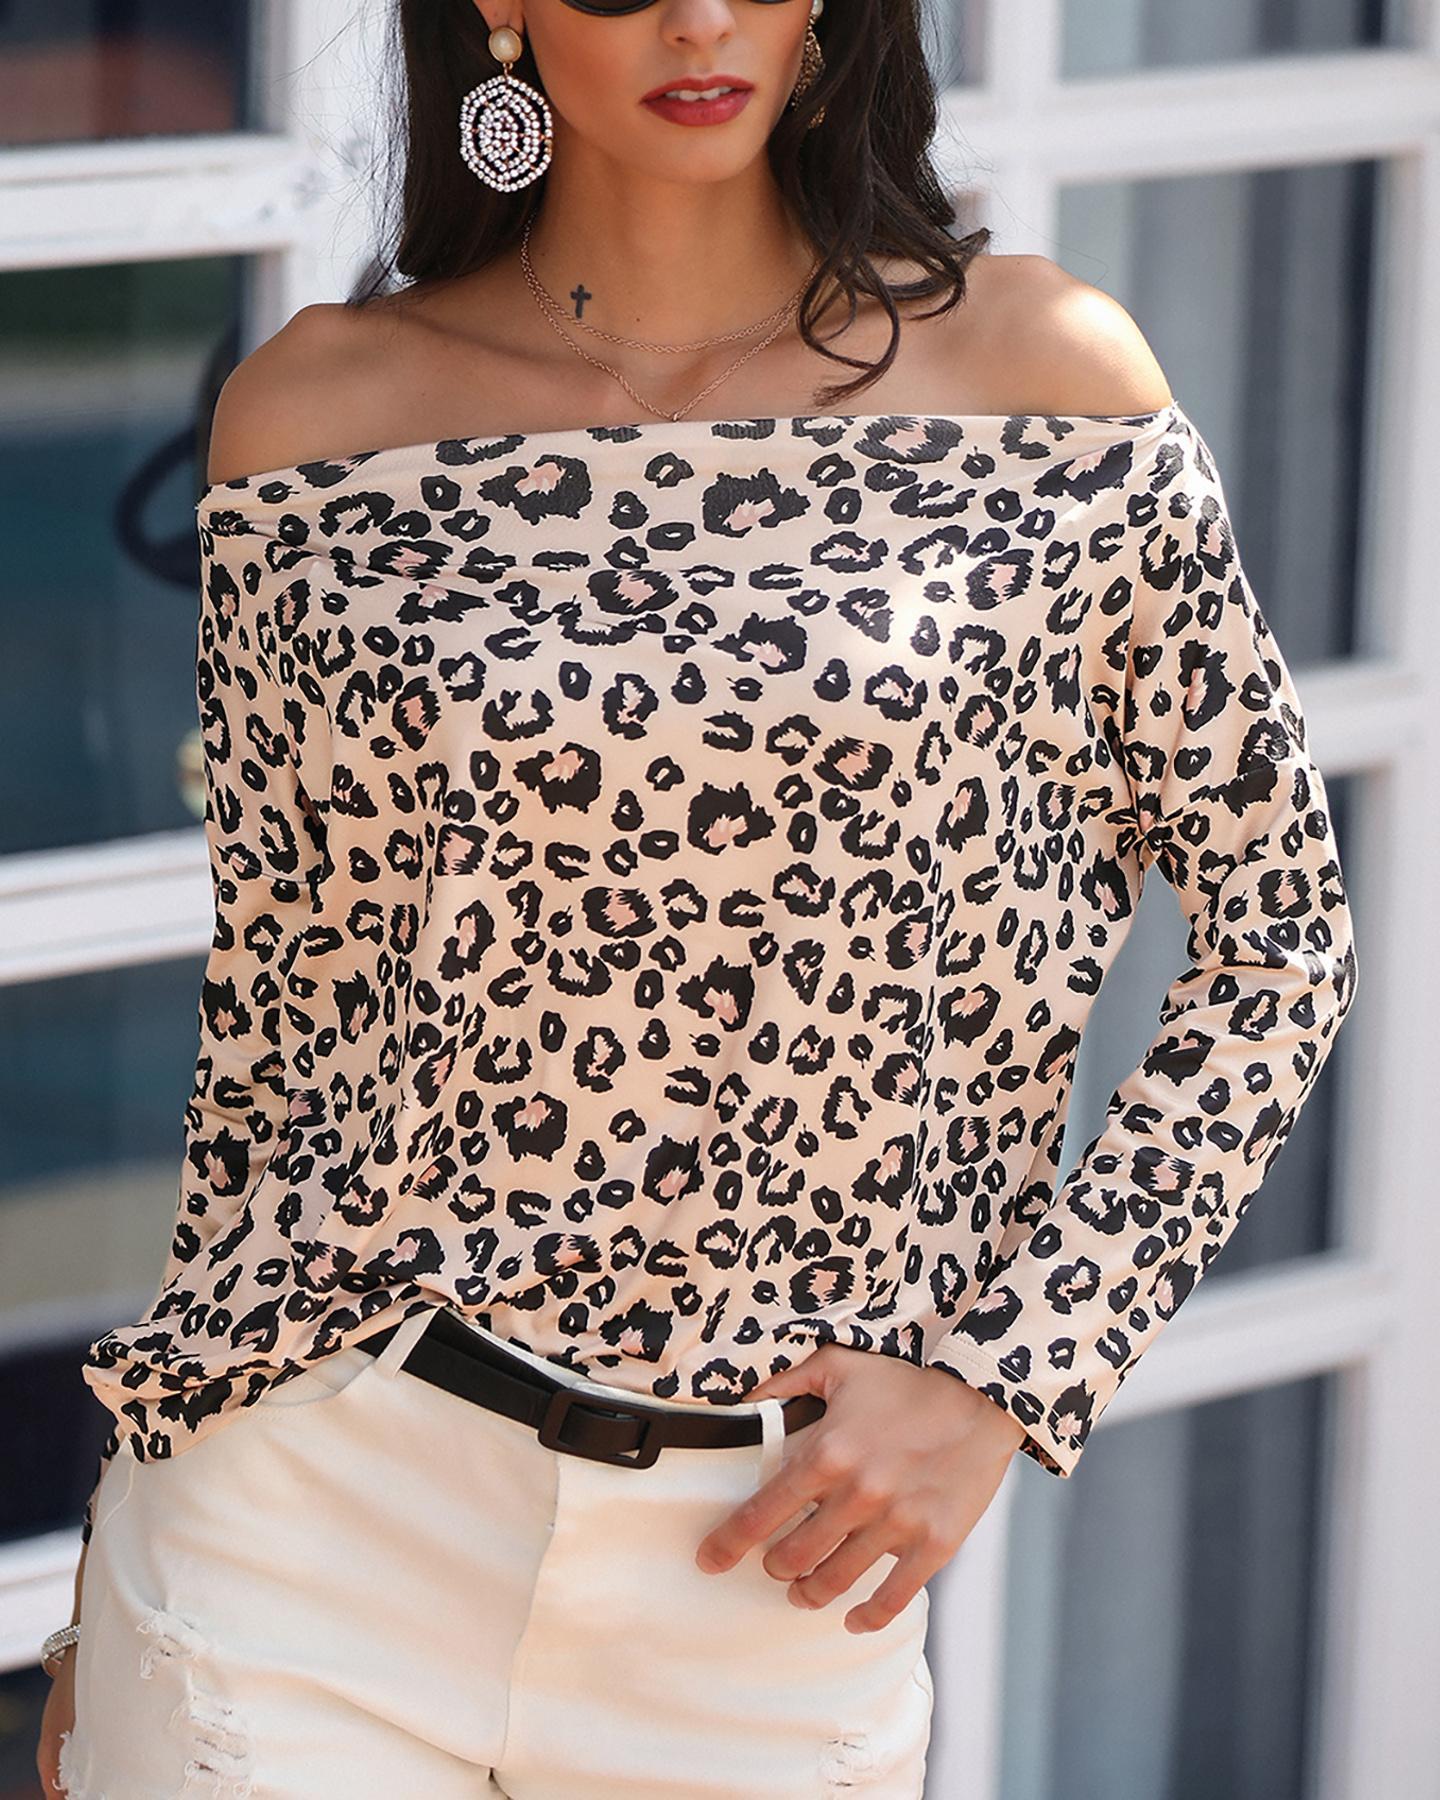 chicme / Blusa de manga larga con estampado de leopardo fuera del hombro